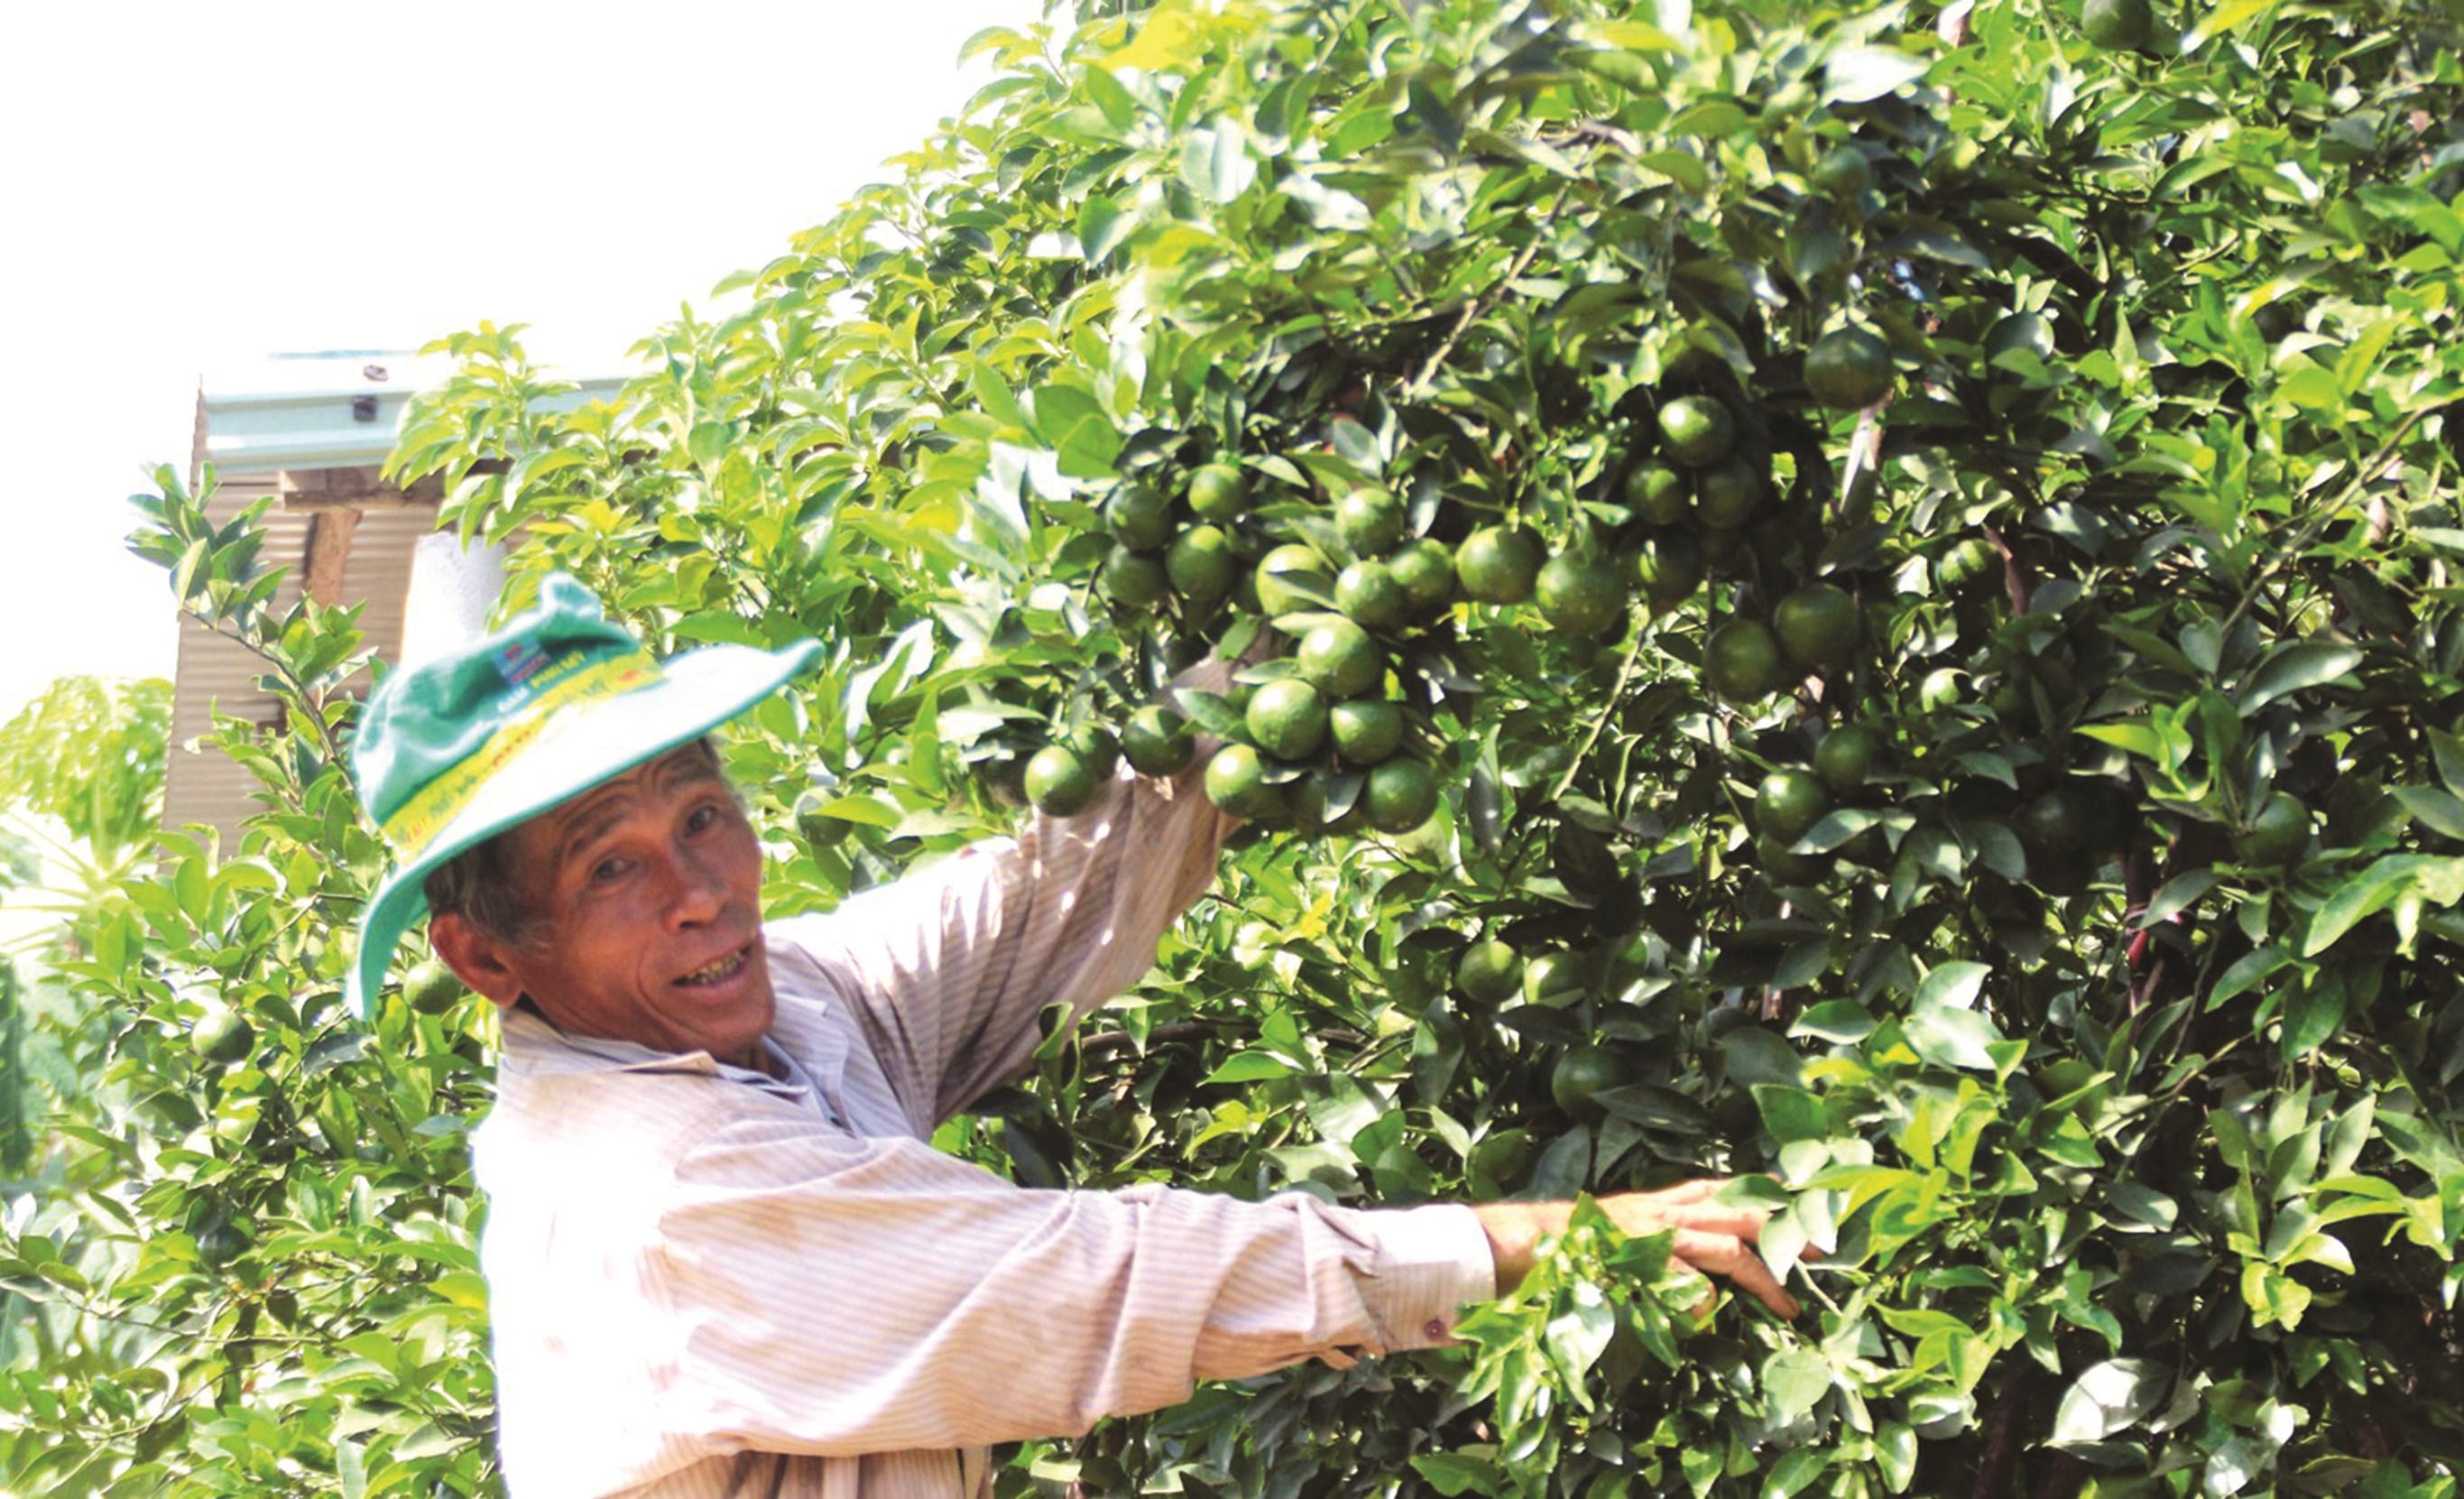 Lão nông Phạm Đình Độ với vườn quýt cho thu nhập hàng trăm triệu đồng.